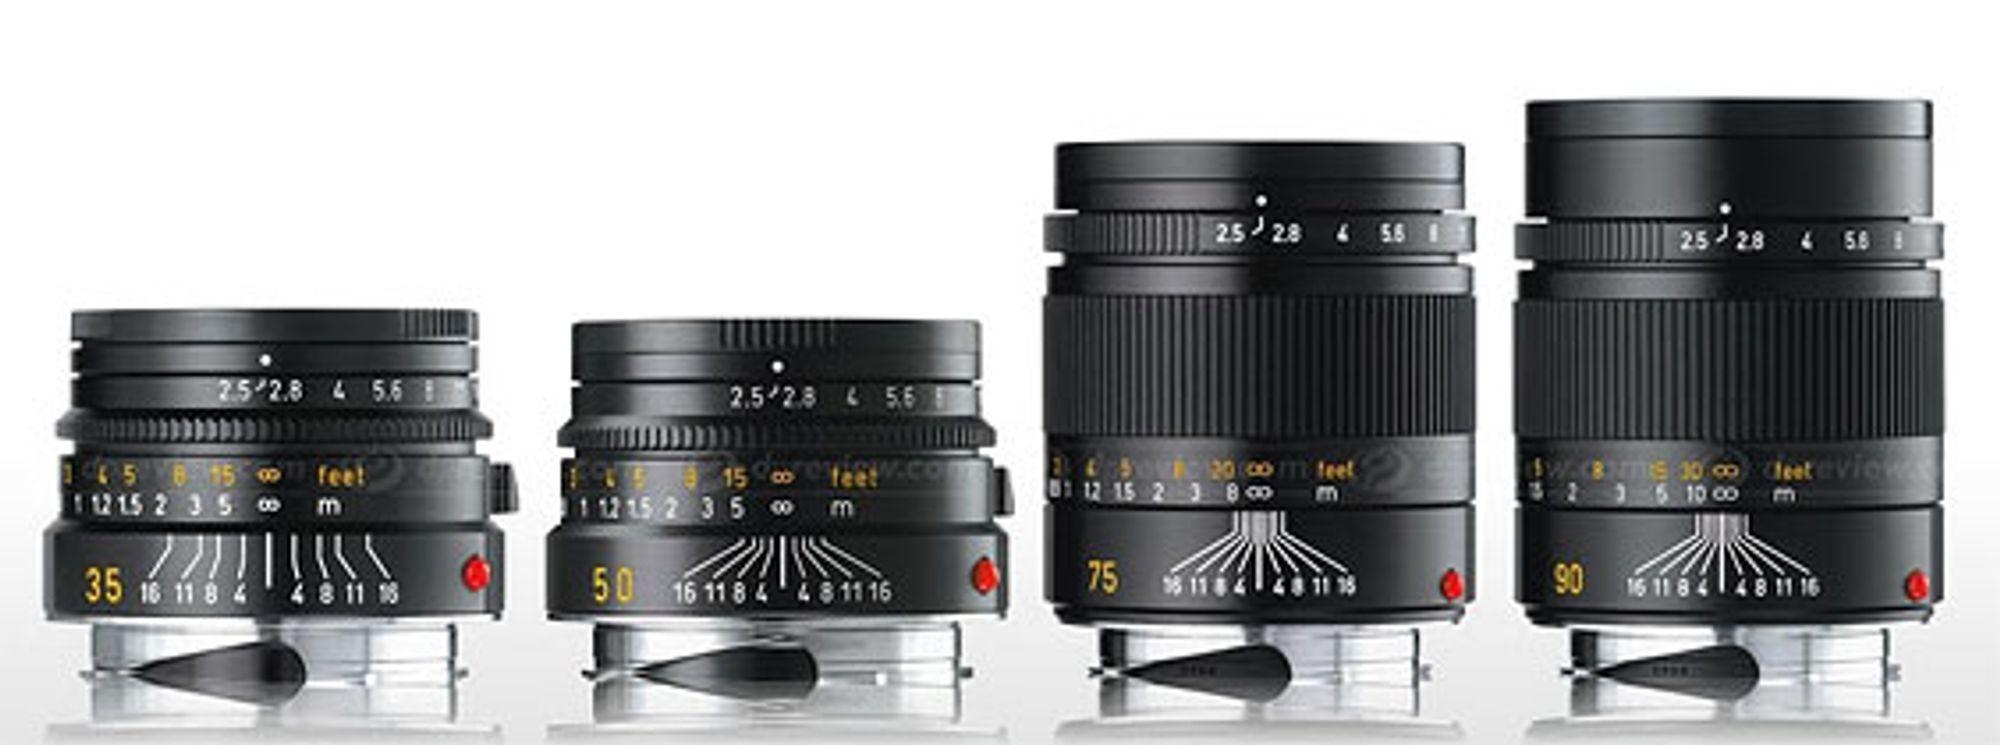 Nye, rimelige Leica-objektiver